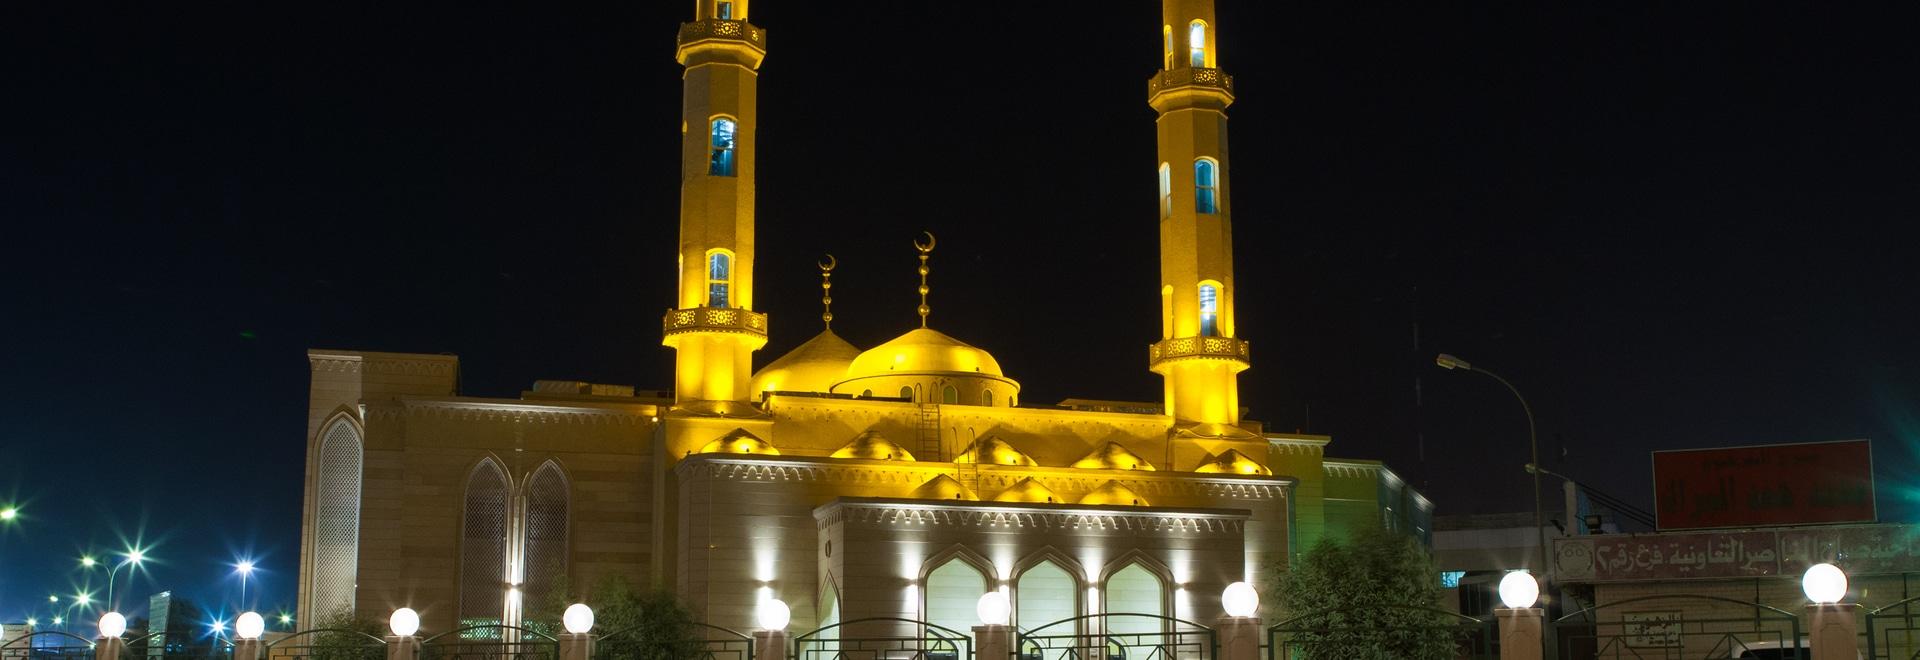 FARWANIYA MOSQUE, KUWAIT